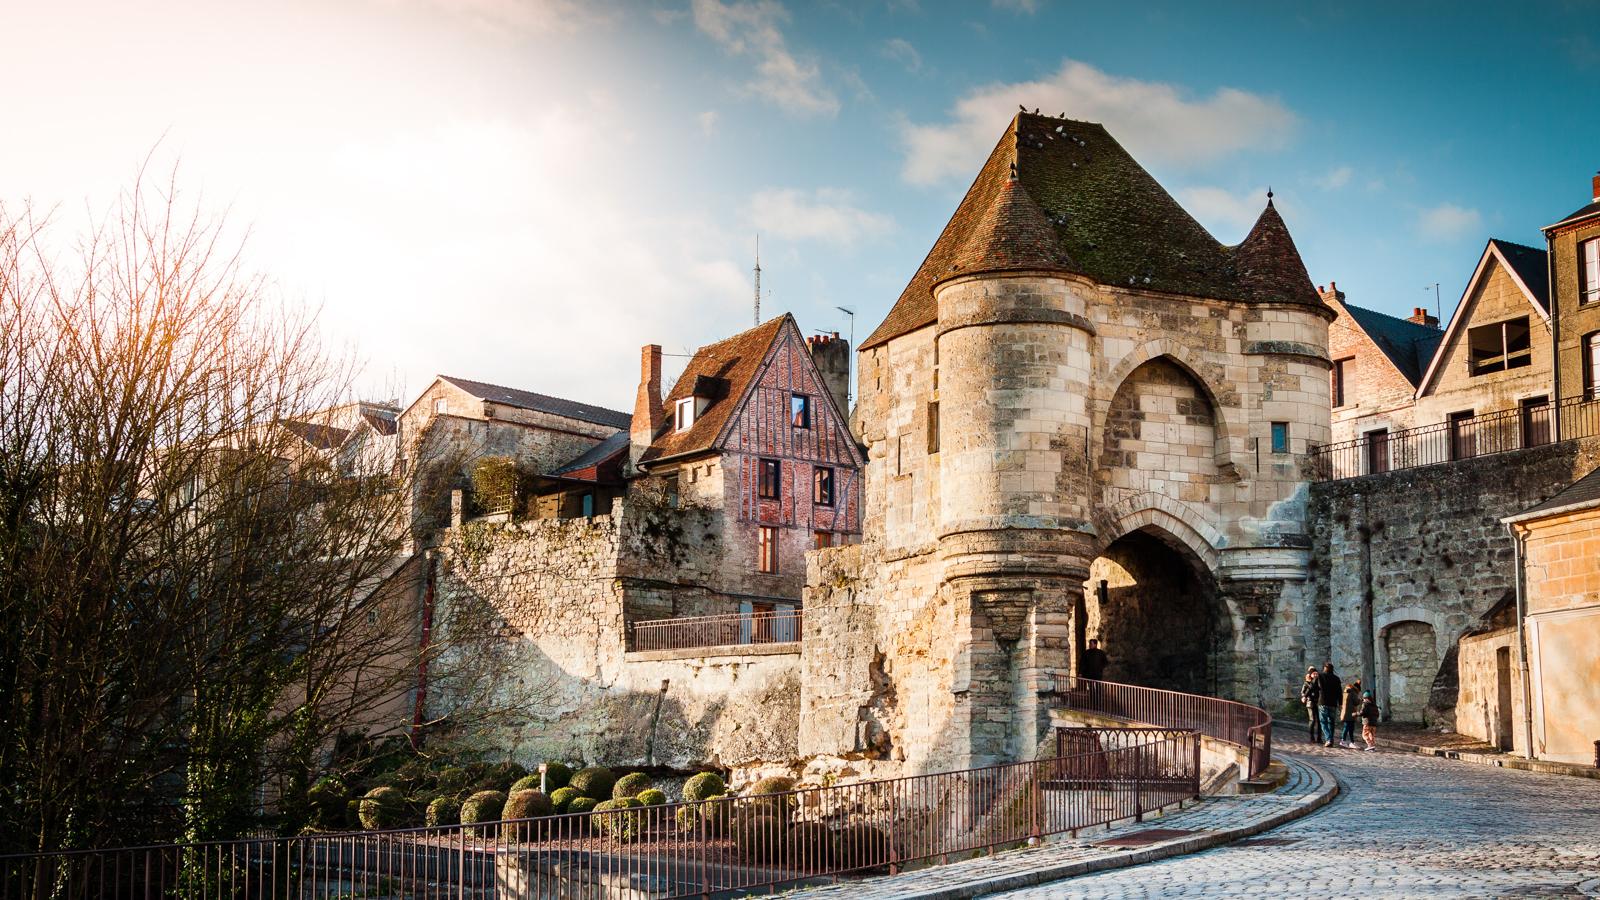 Ville medievale de Laon dans les Hauts-de-France